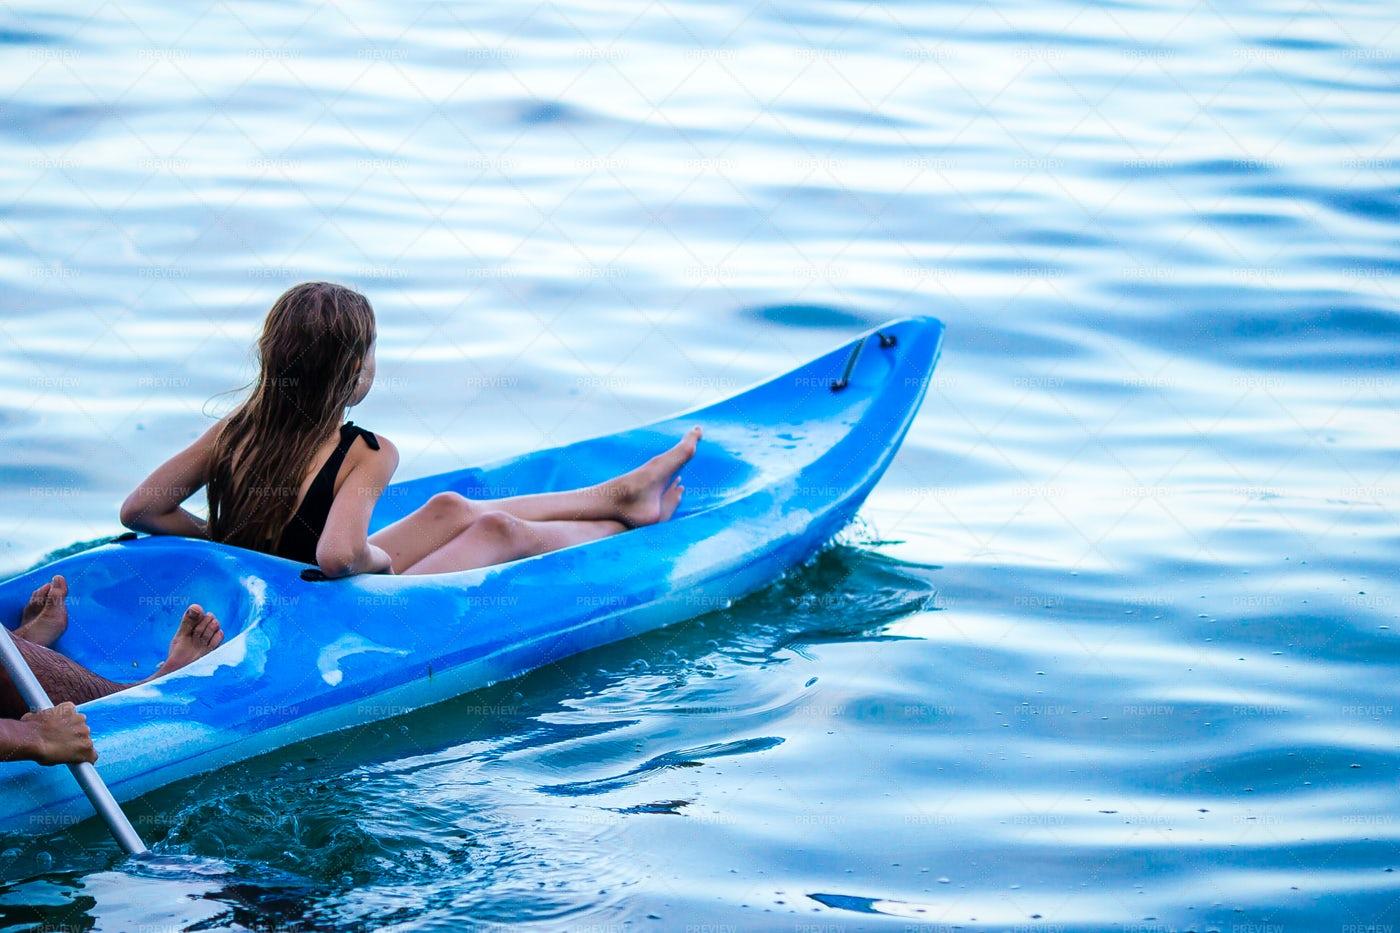 Girl Kayaks On Vacation: Stock Photos